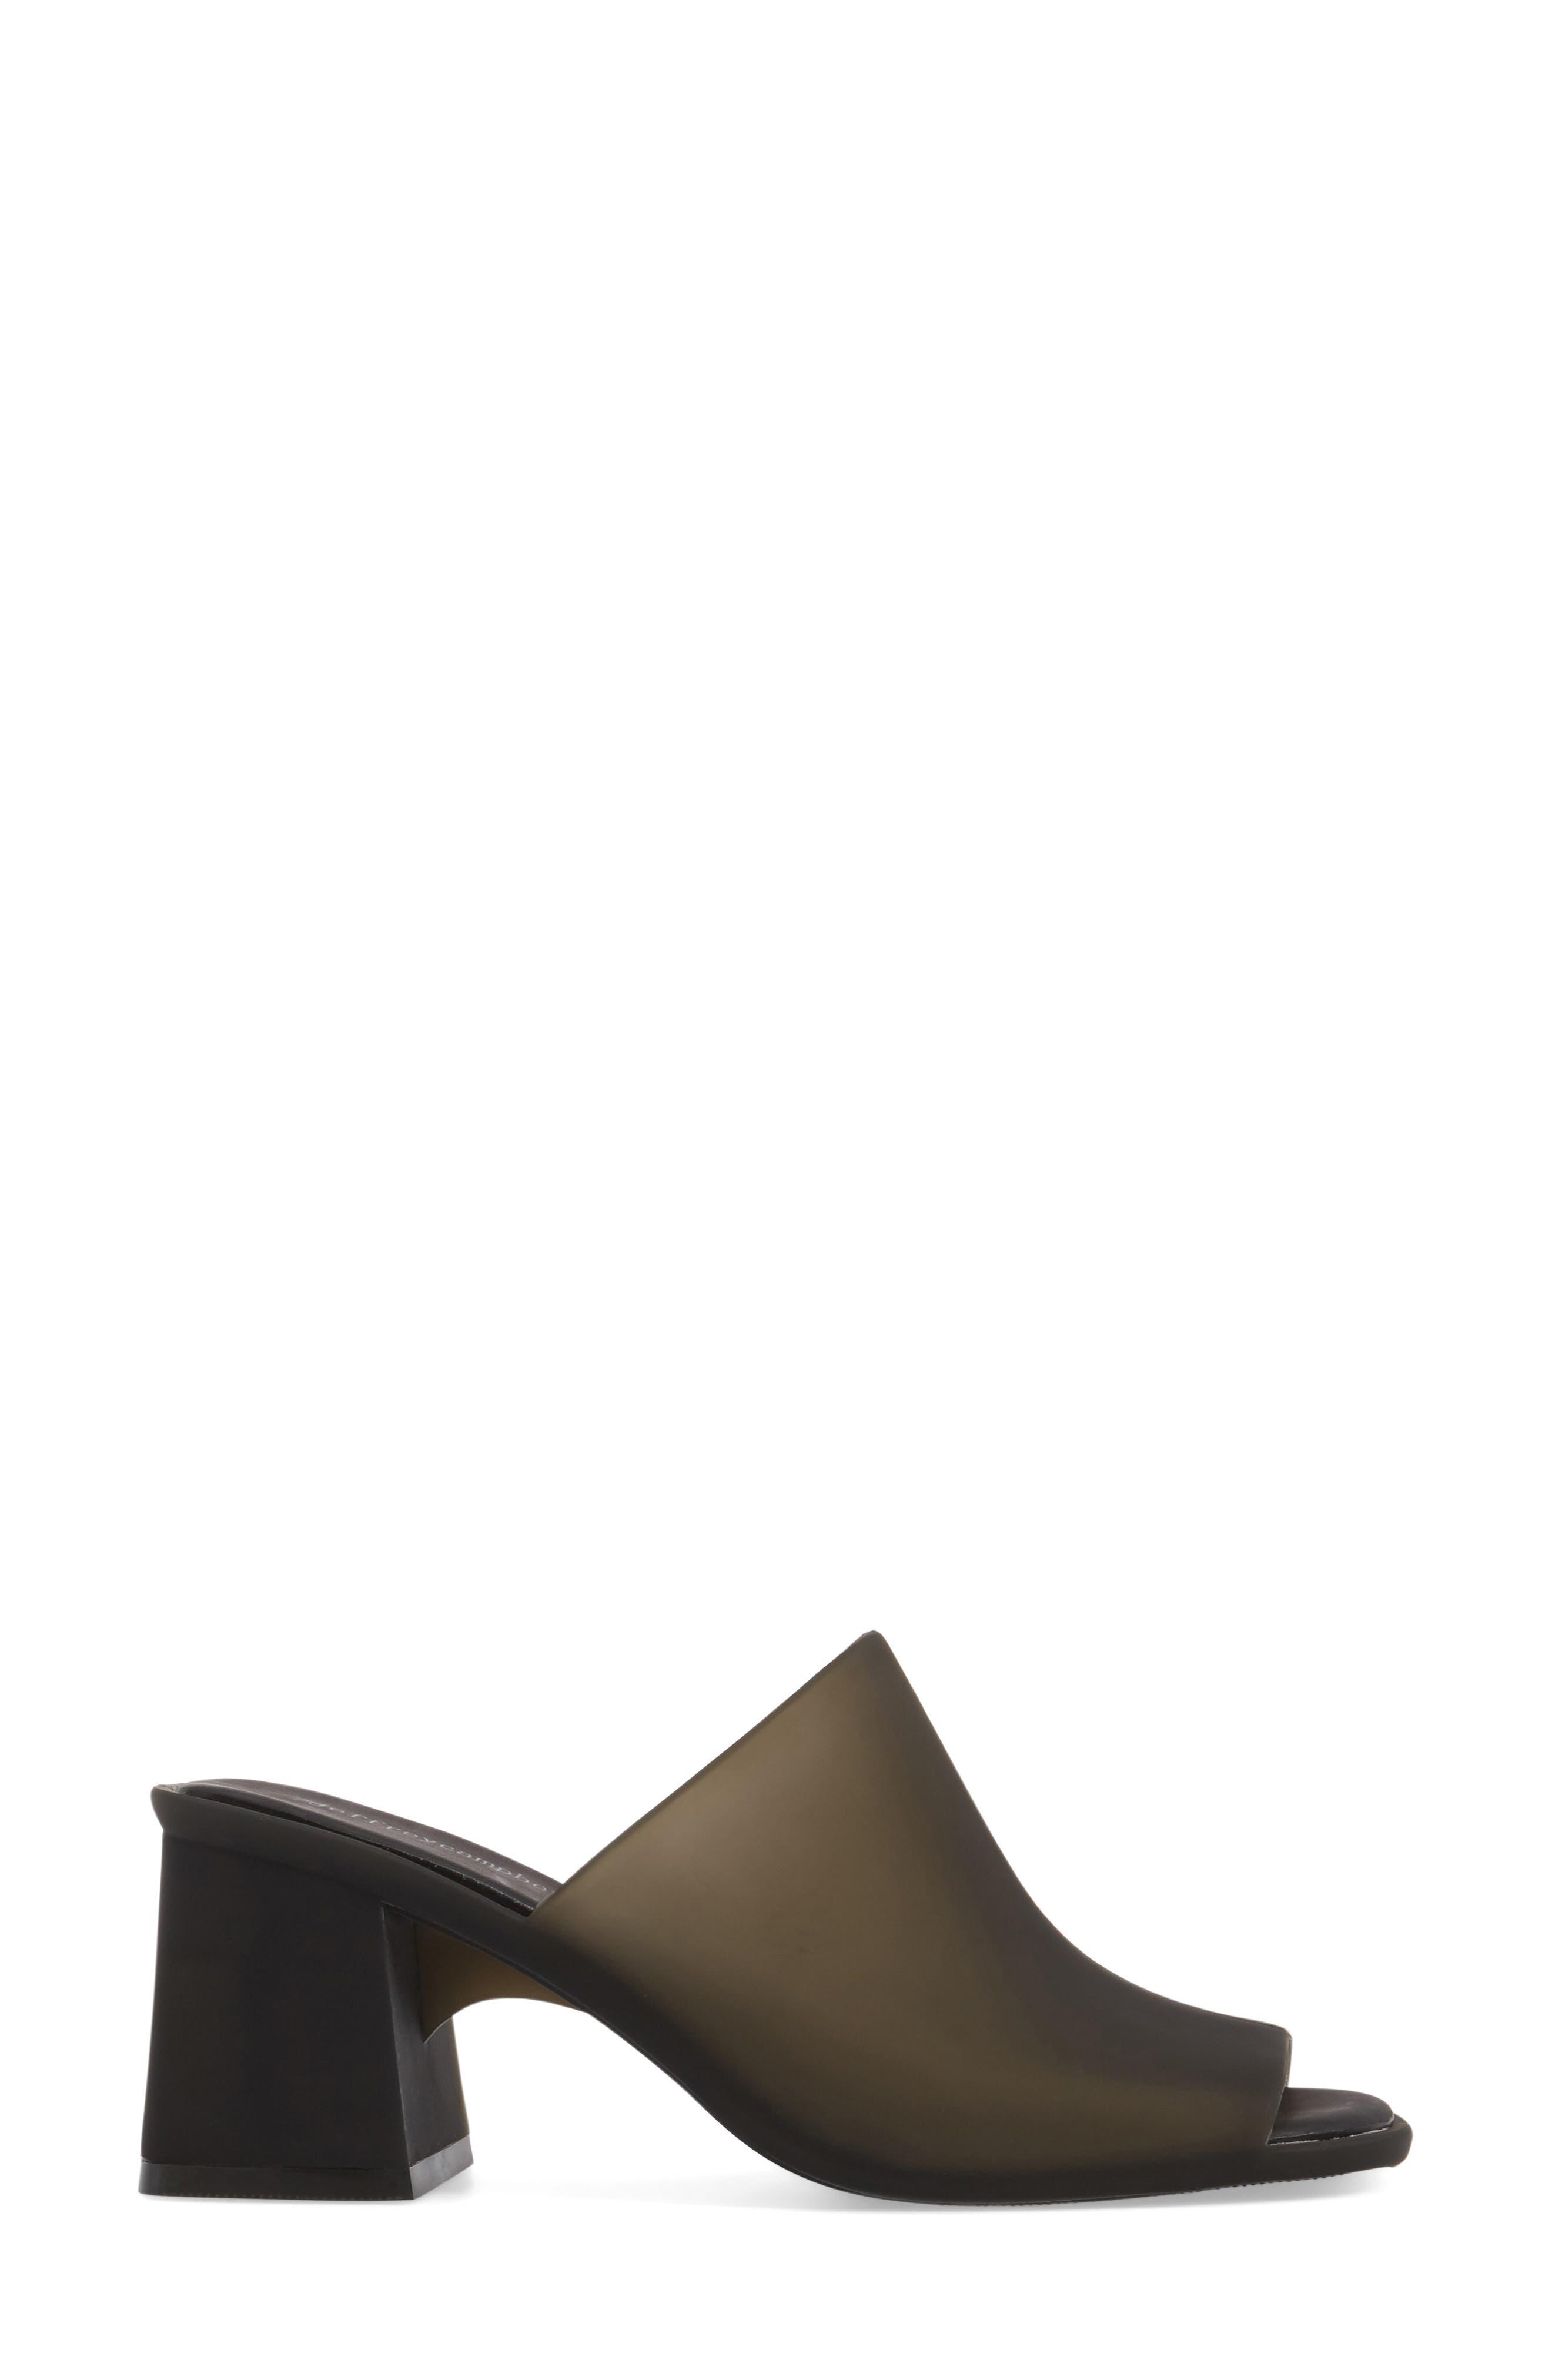 Jelly Slide Sandal,                             Alternate thumbnail 3, color,                             001